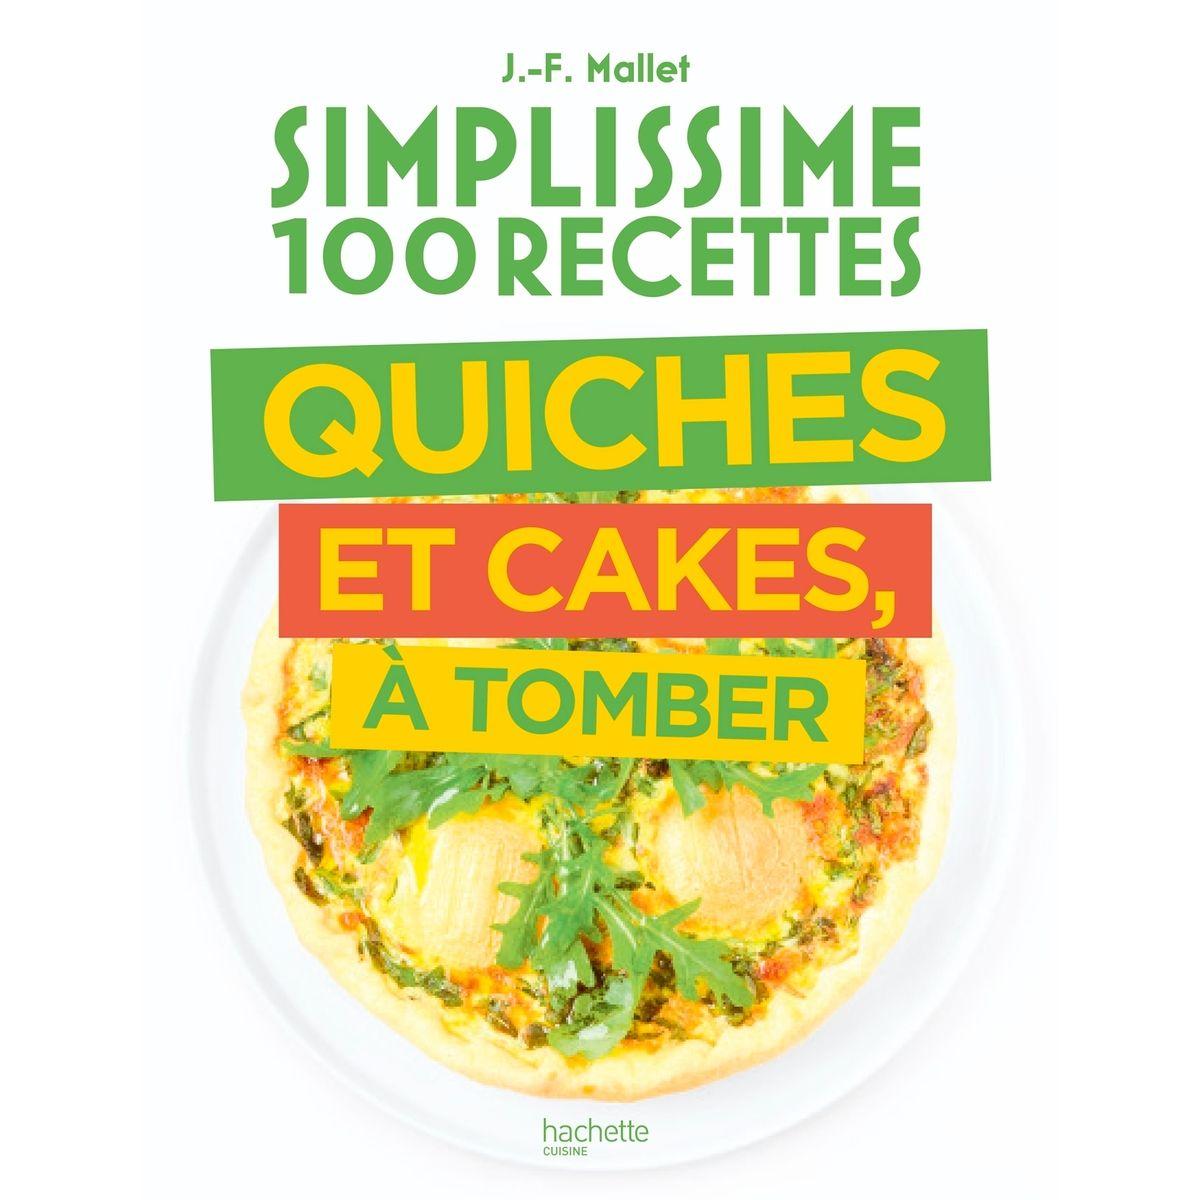 Simplissime 100 recettes Quiches et Cakes à tomber - Hachette Pratique